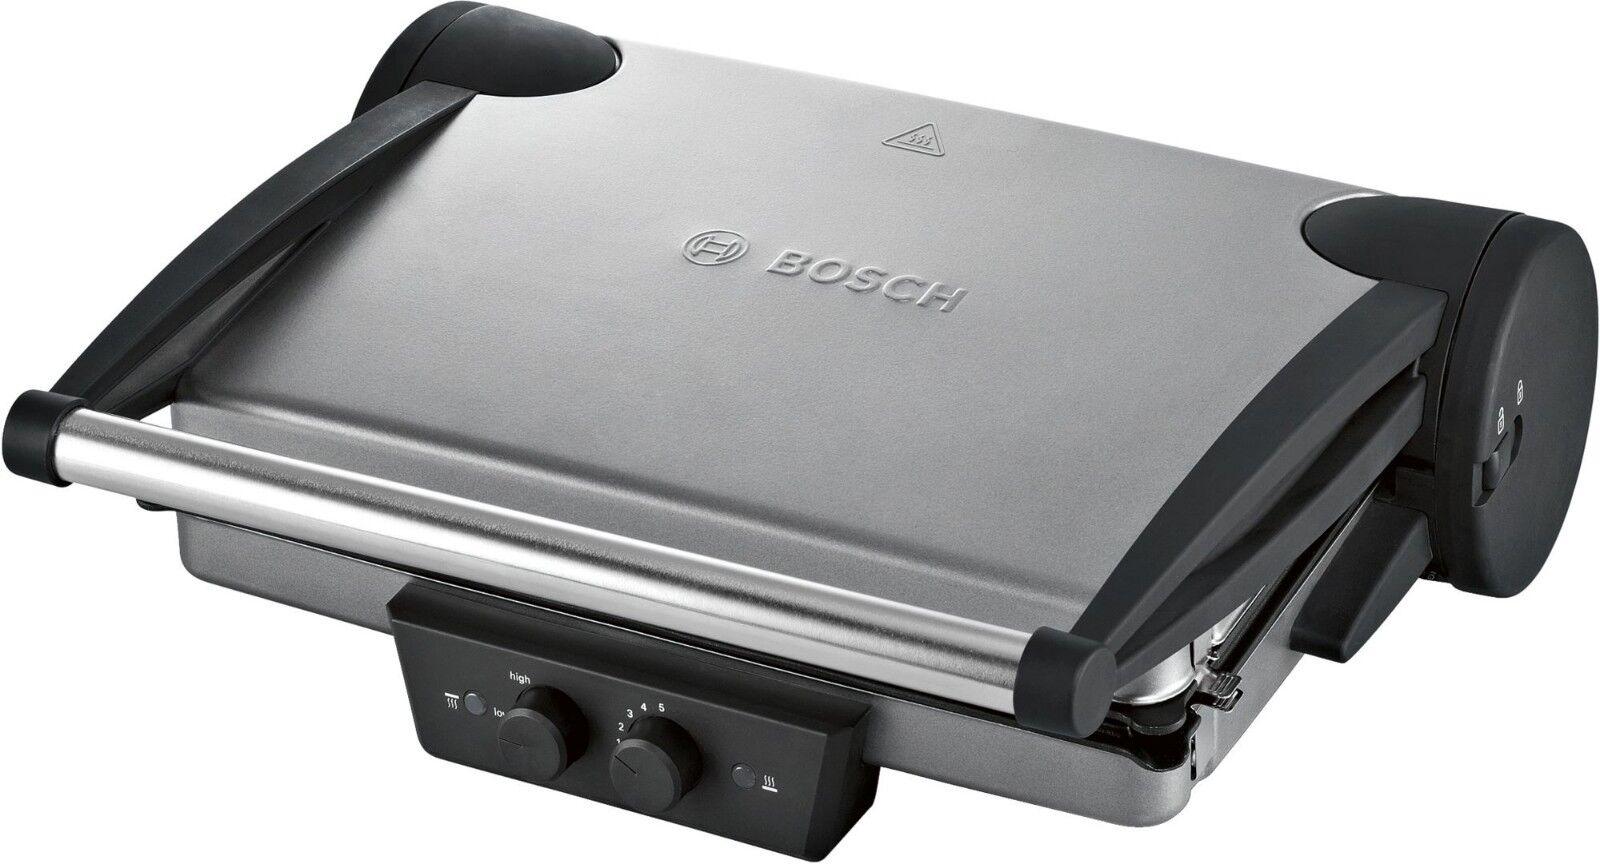 Bosch TFB 4431 V Kontaktgrill TFB4431V  2000 Watt